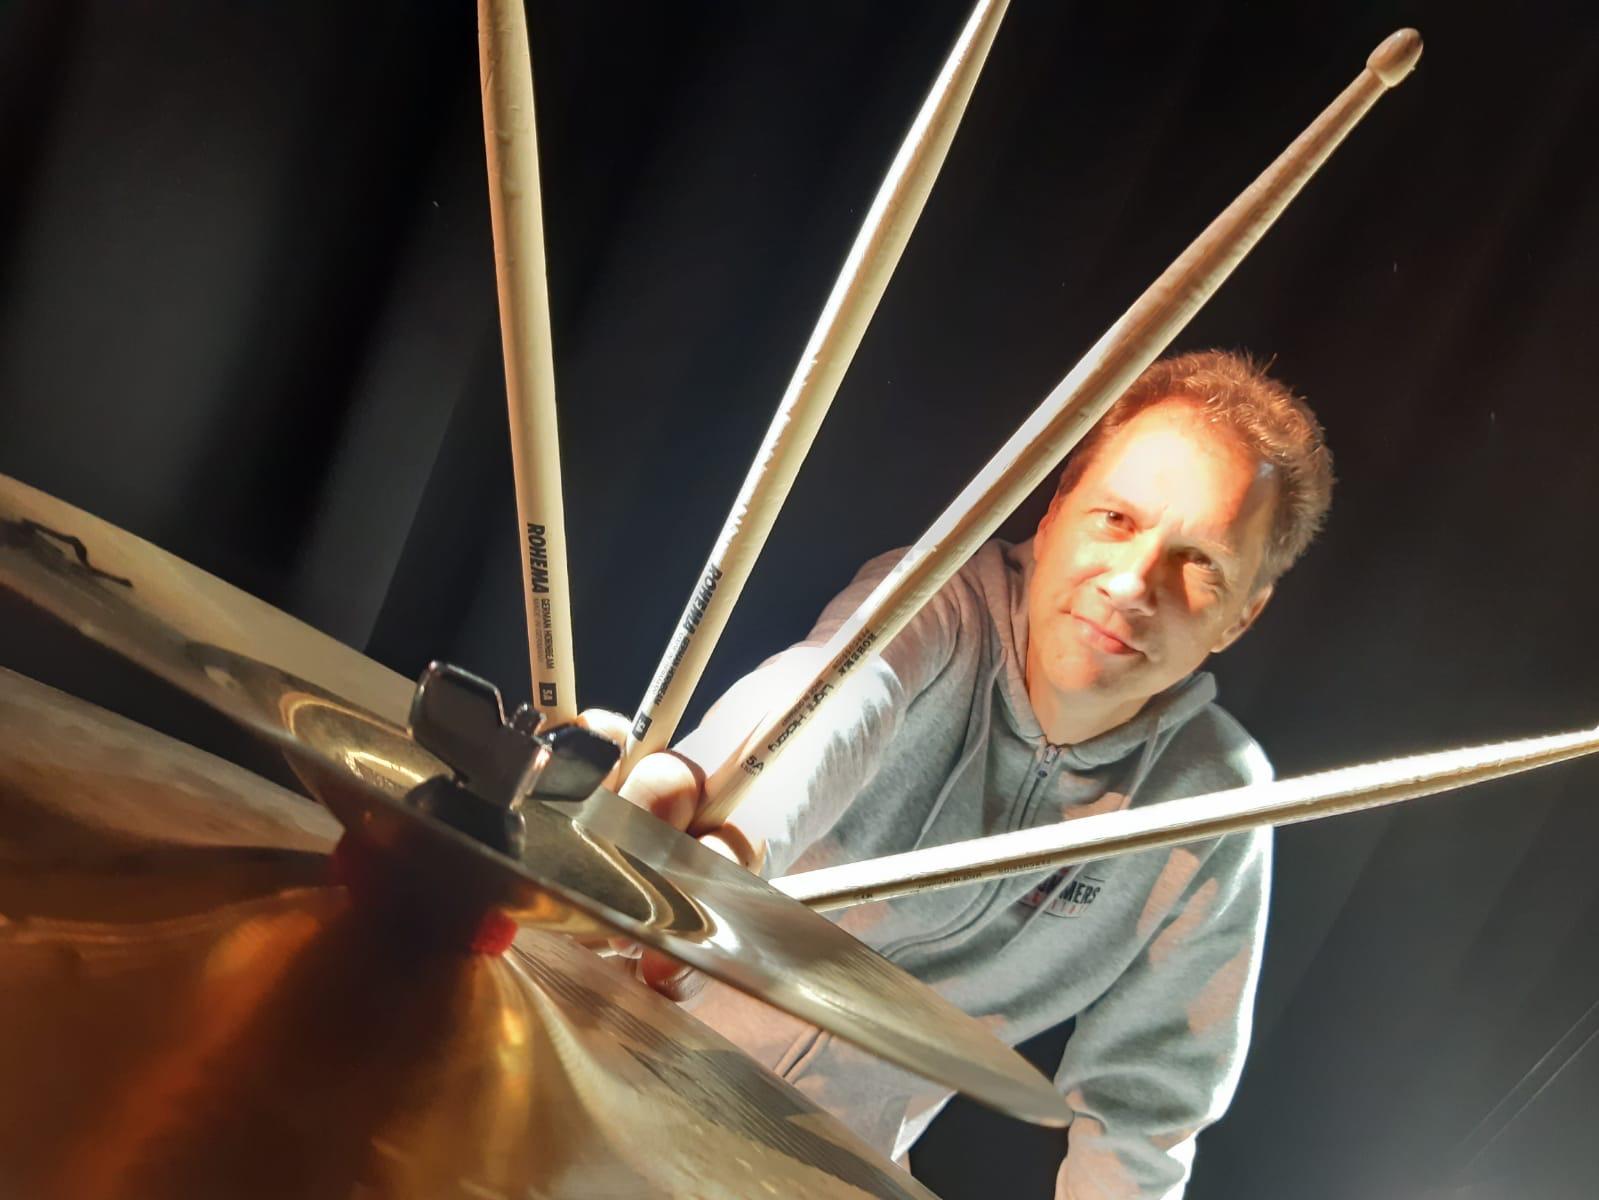 Andy Gillmann